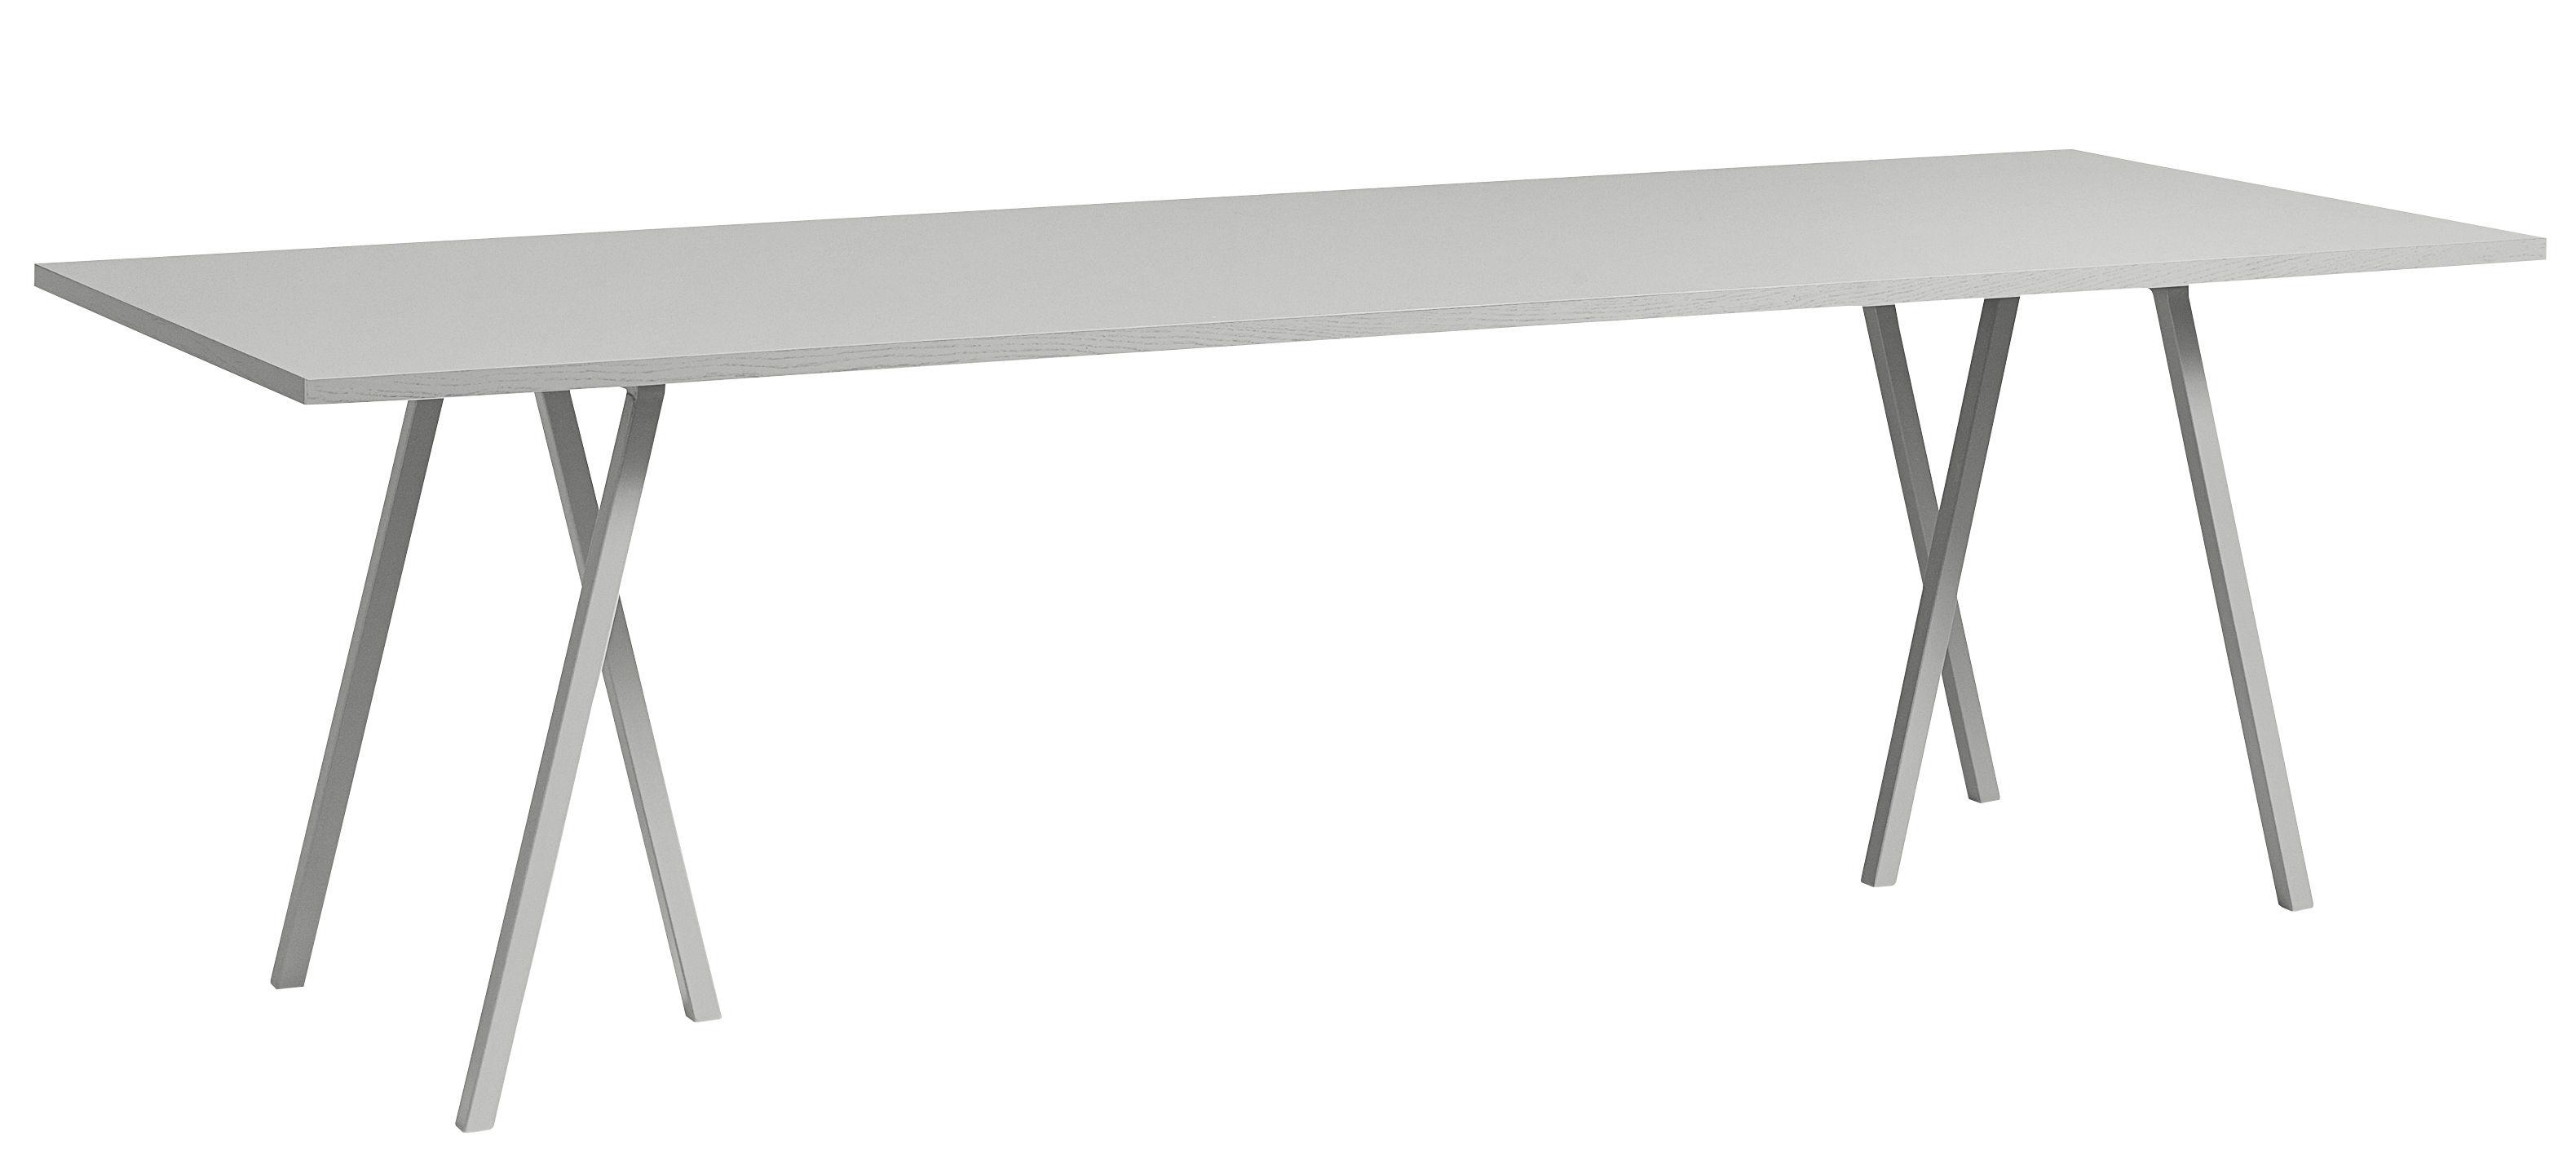 Mobilier - Bureaux - Table rectangulaire Loop / L 250 cm - Hay - Gris - Acier laqué